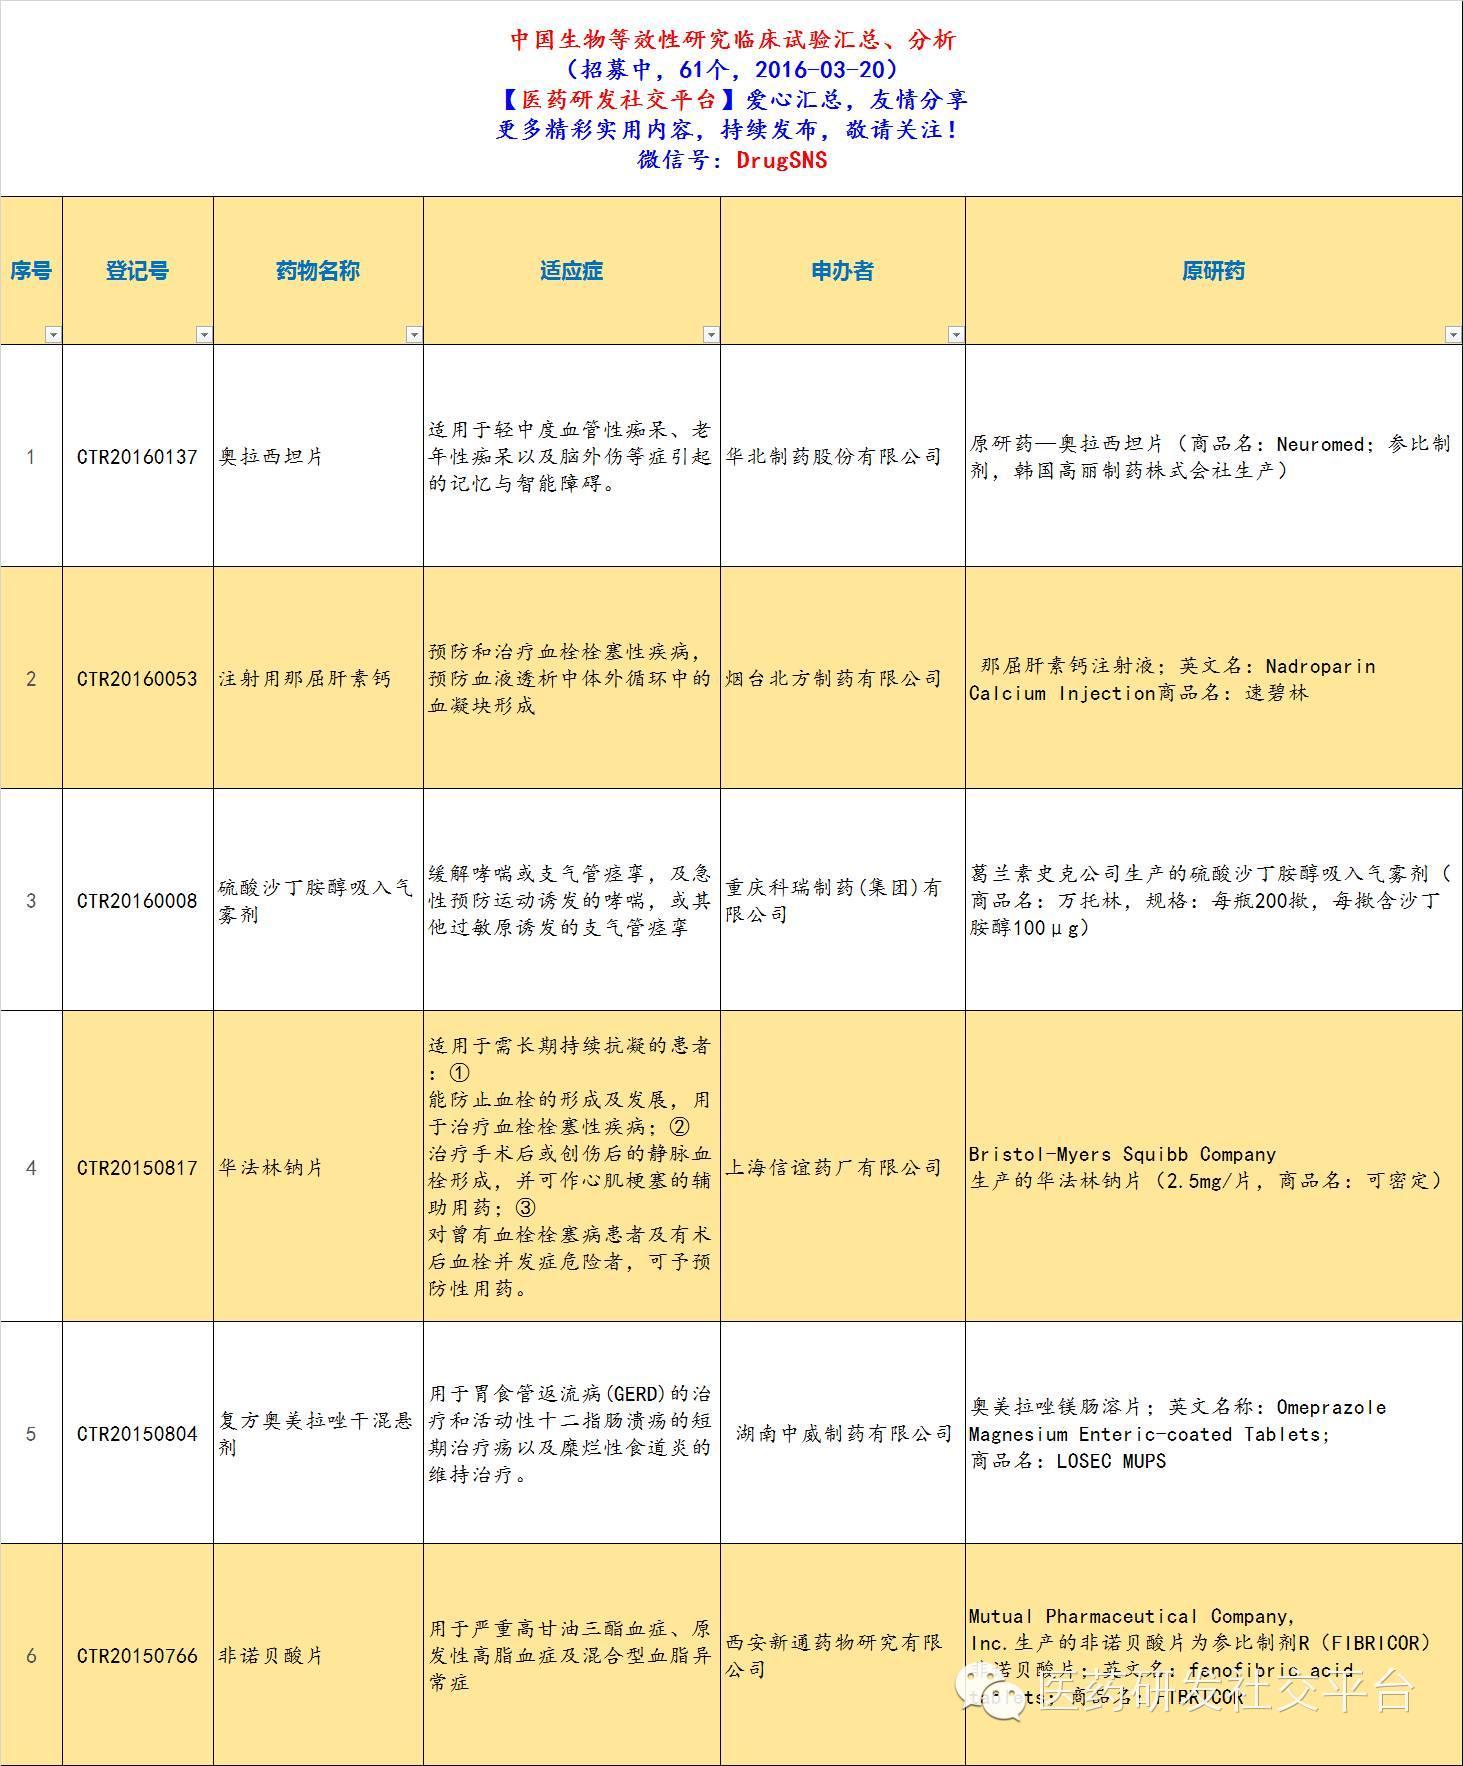 【干货分享】中国正在进行中的生物等效性研究(一致性评价)临床试验汇总,包括原研药/参比制剂信息(招募中,2016-03-20)